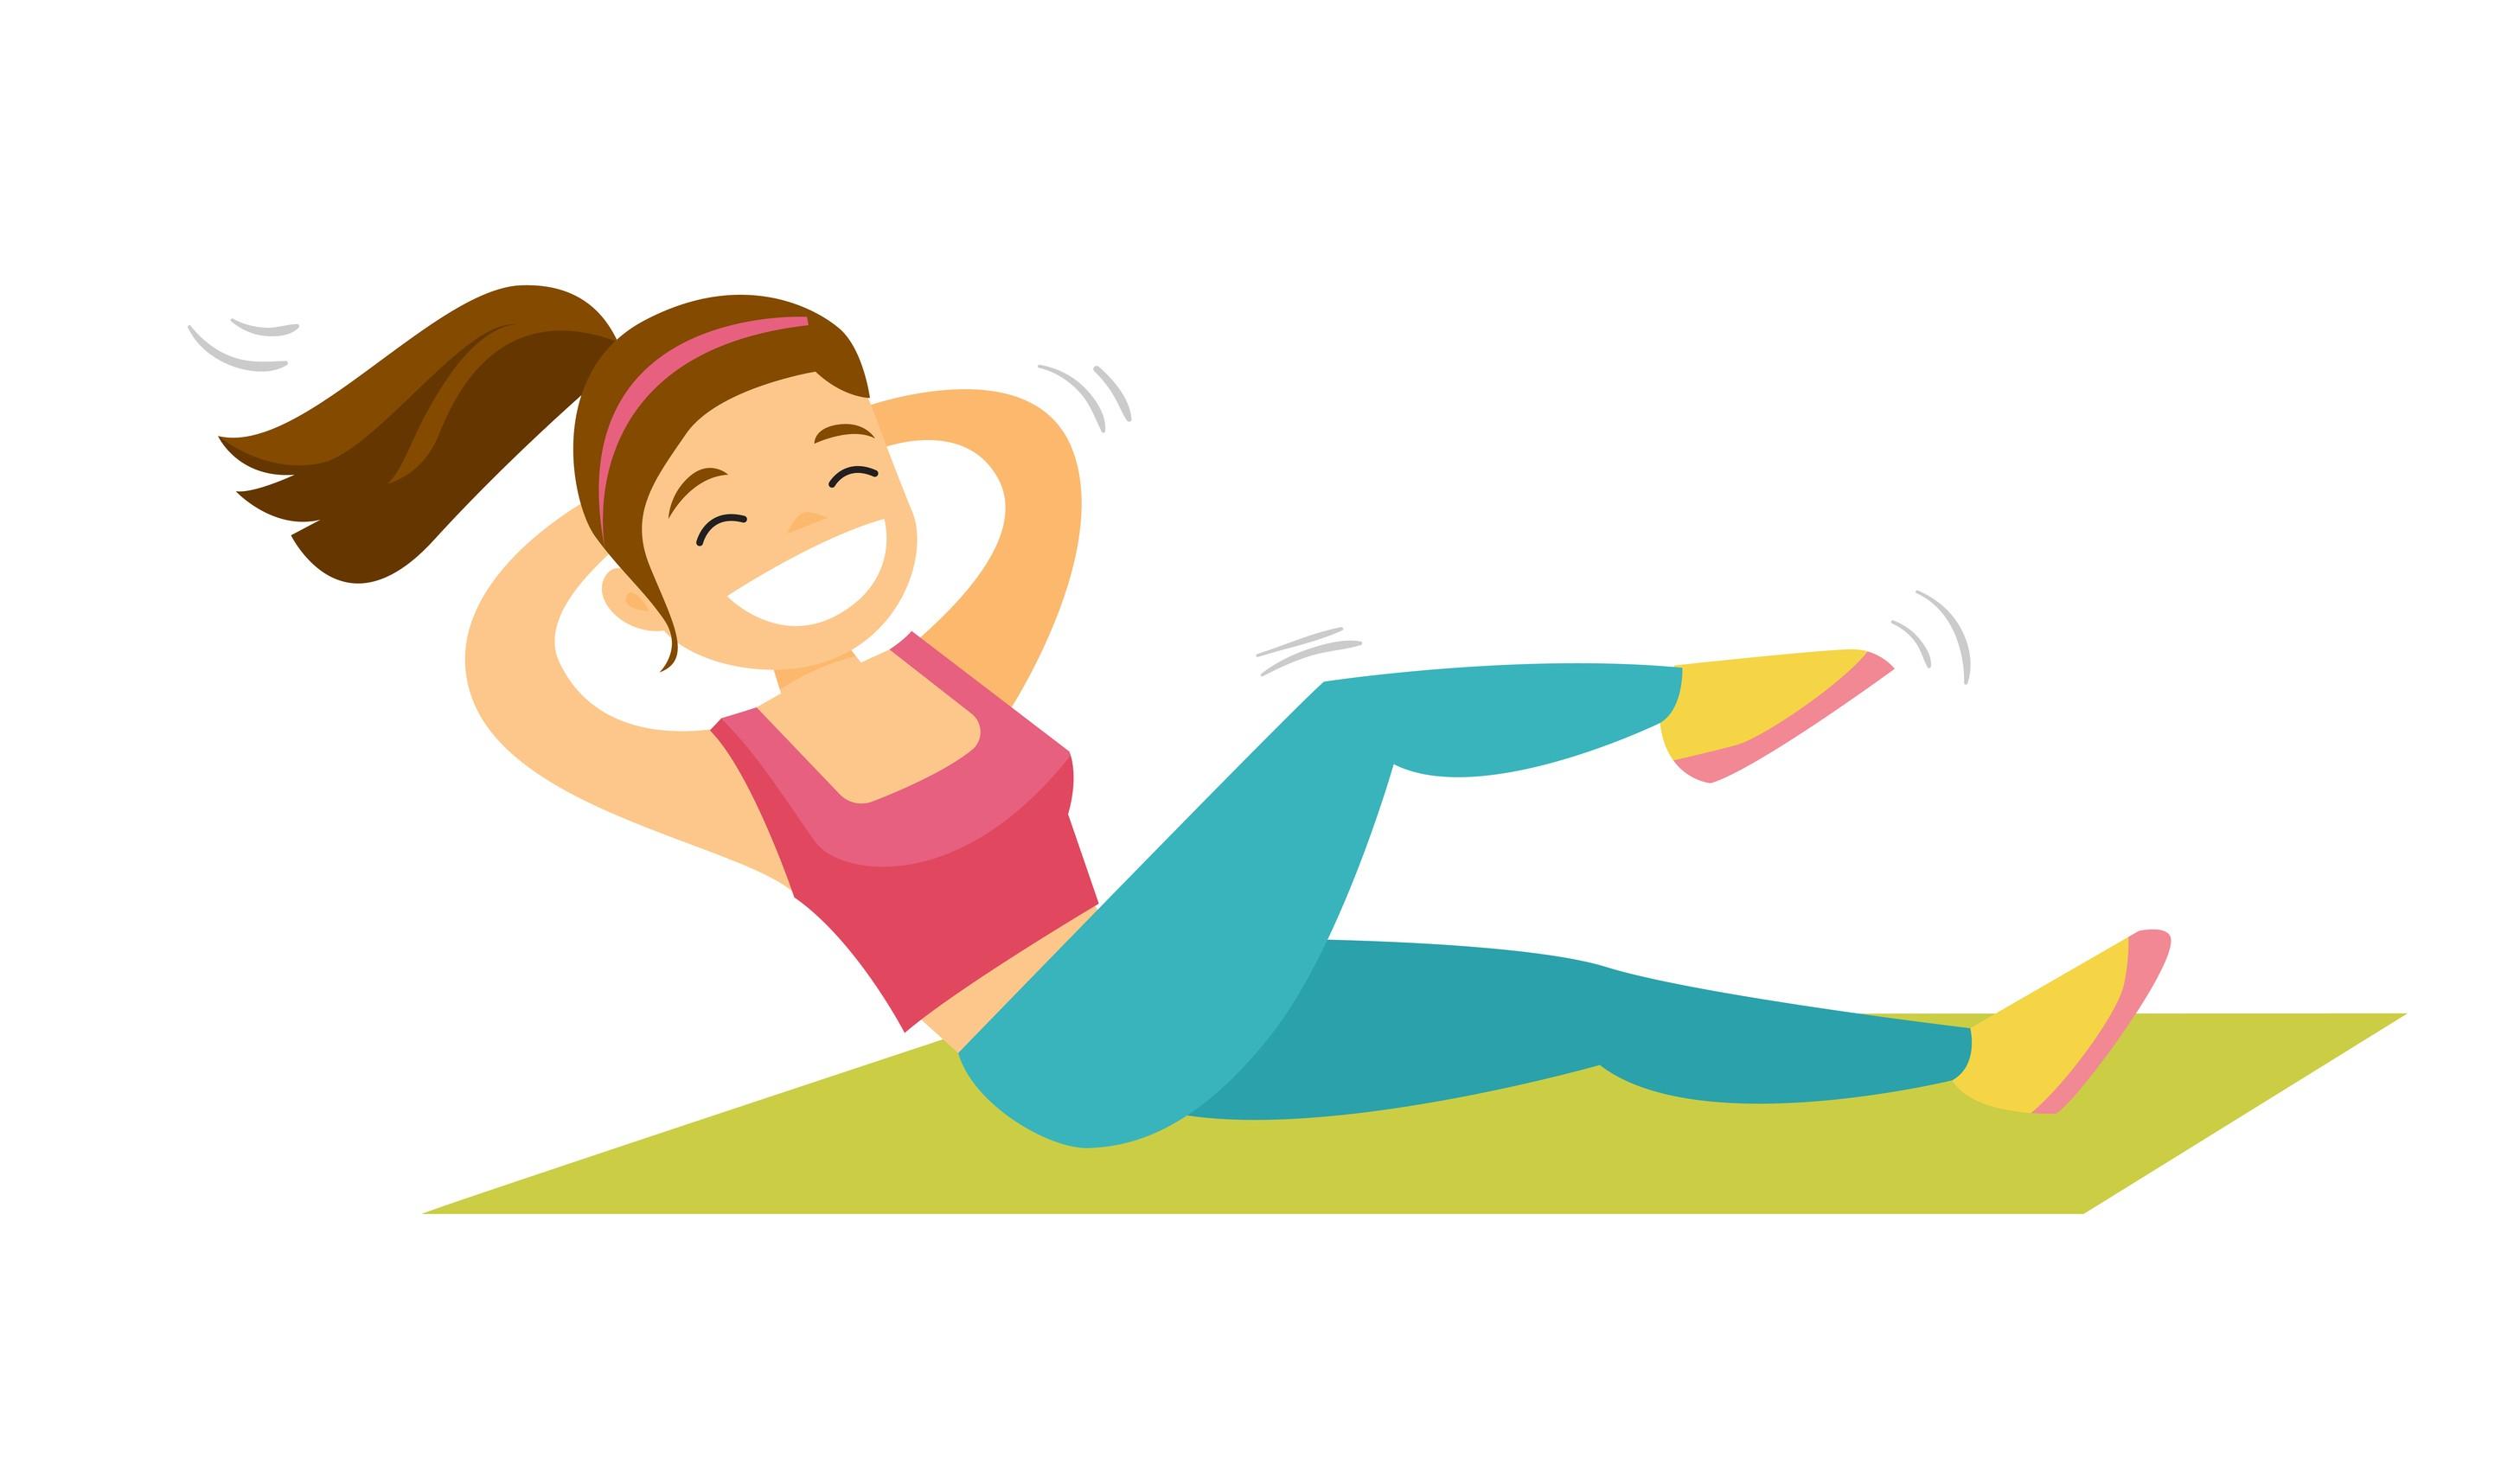 تمارين عضلات البطن للأطفال - تمرين الكرانش للأطفال